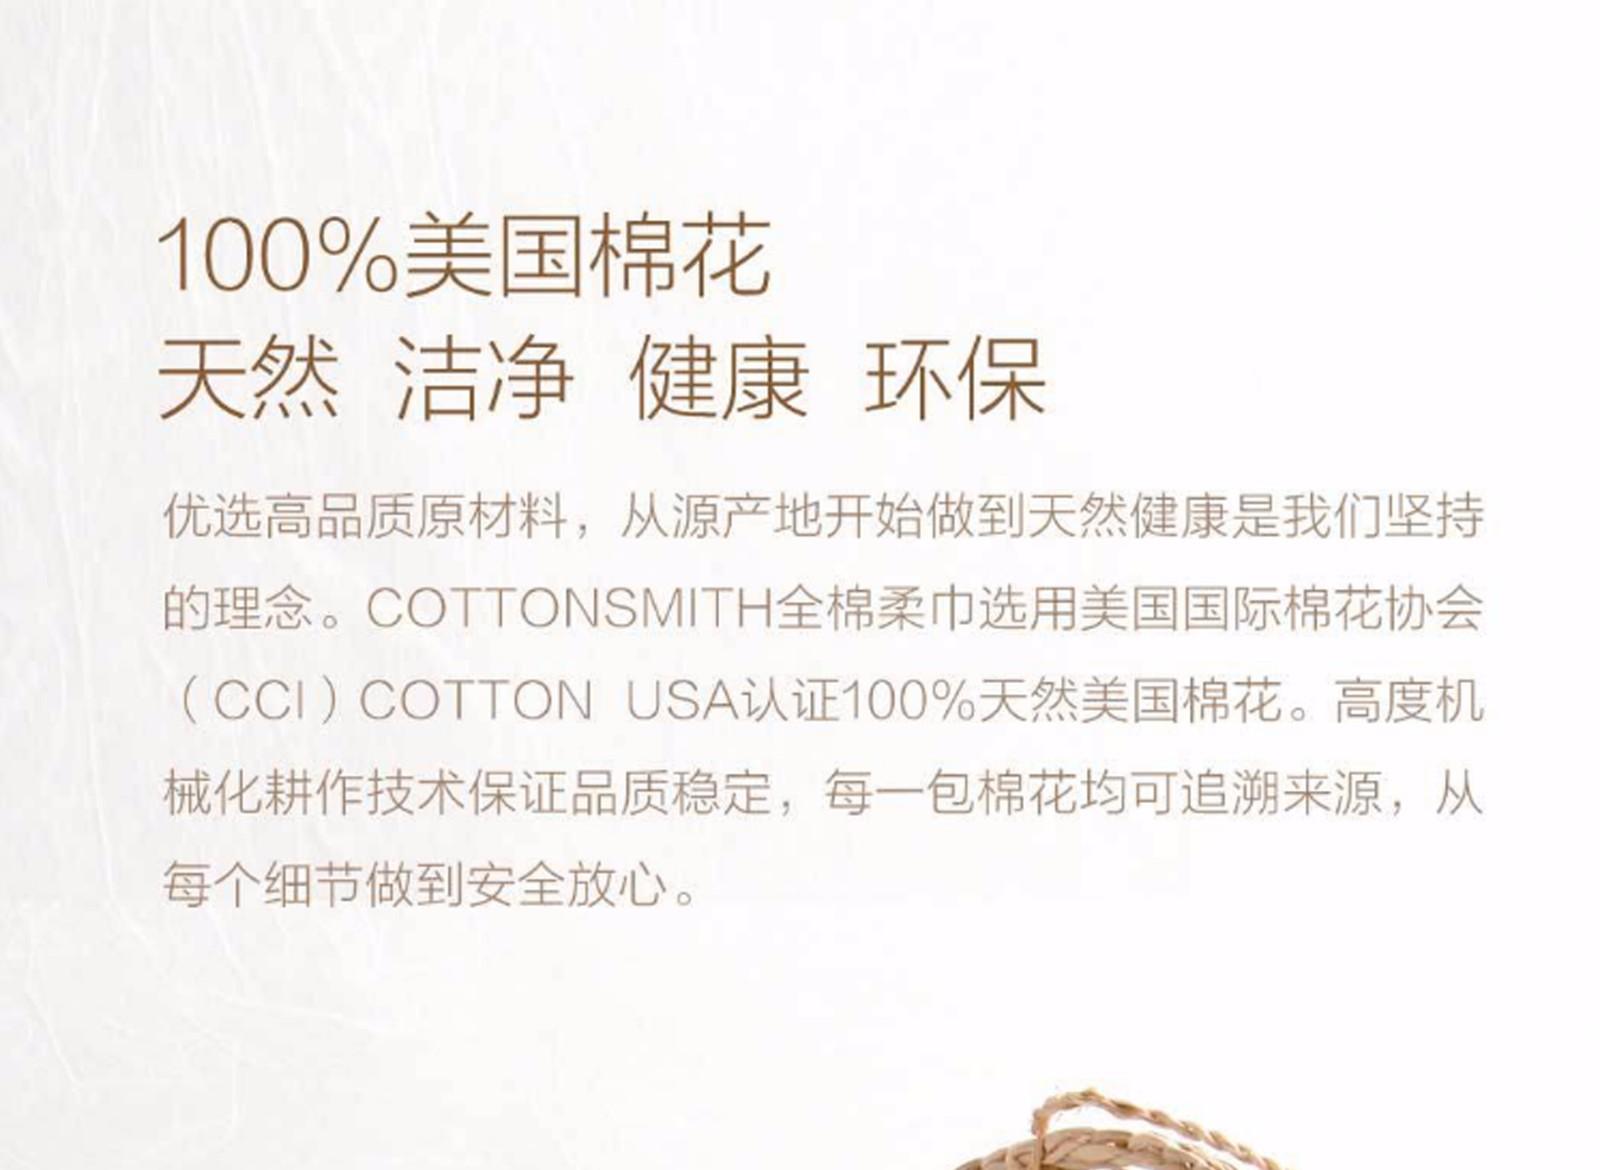 湿纸巾 湿纸巾-泉州市恒保利app有限公司